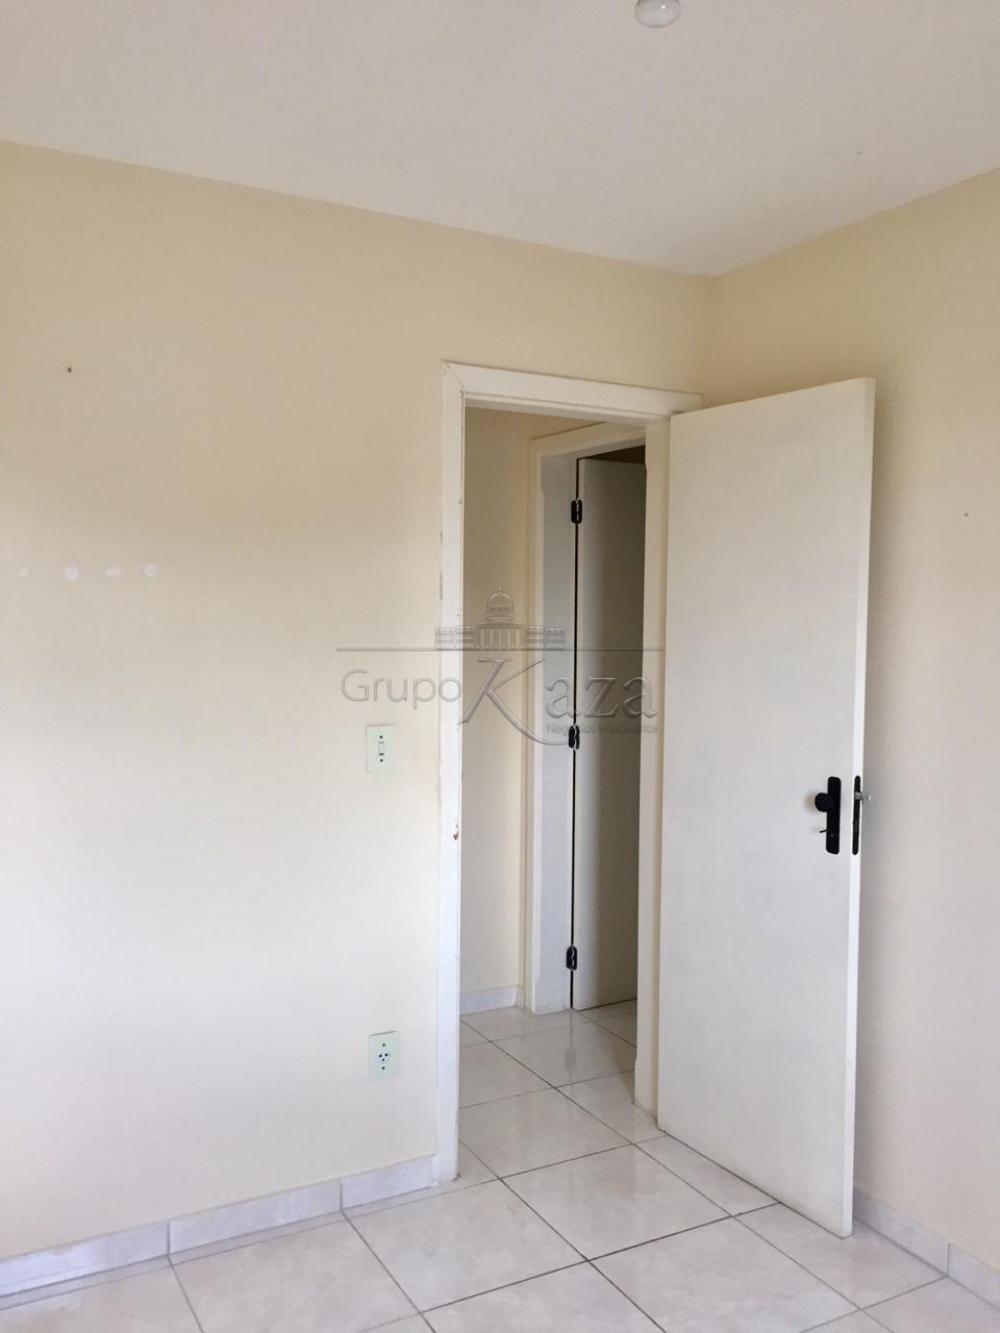 Comprar Apartamento / Padrão em São José dos Campos apenas R$ 260.000,00 - Foto 11